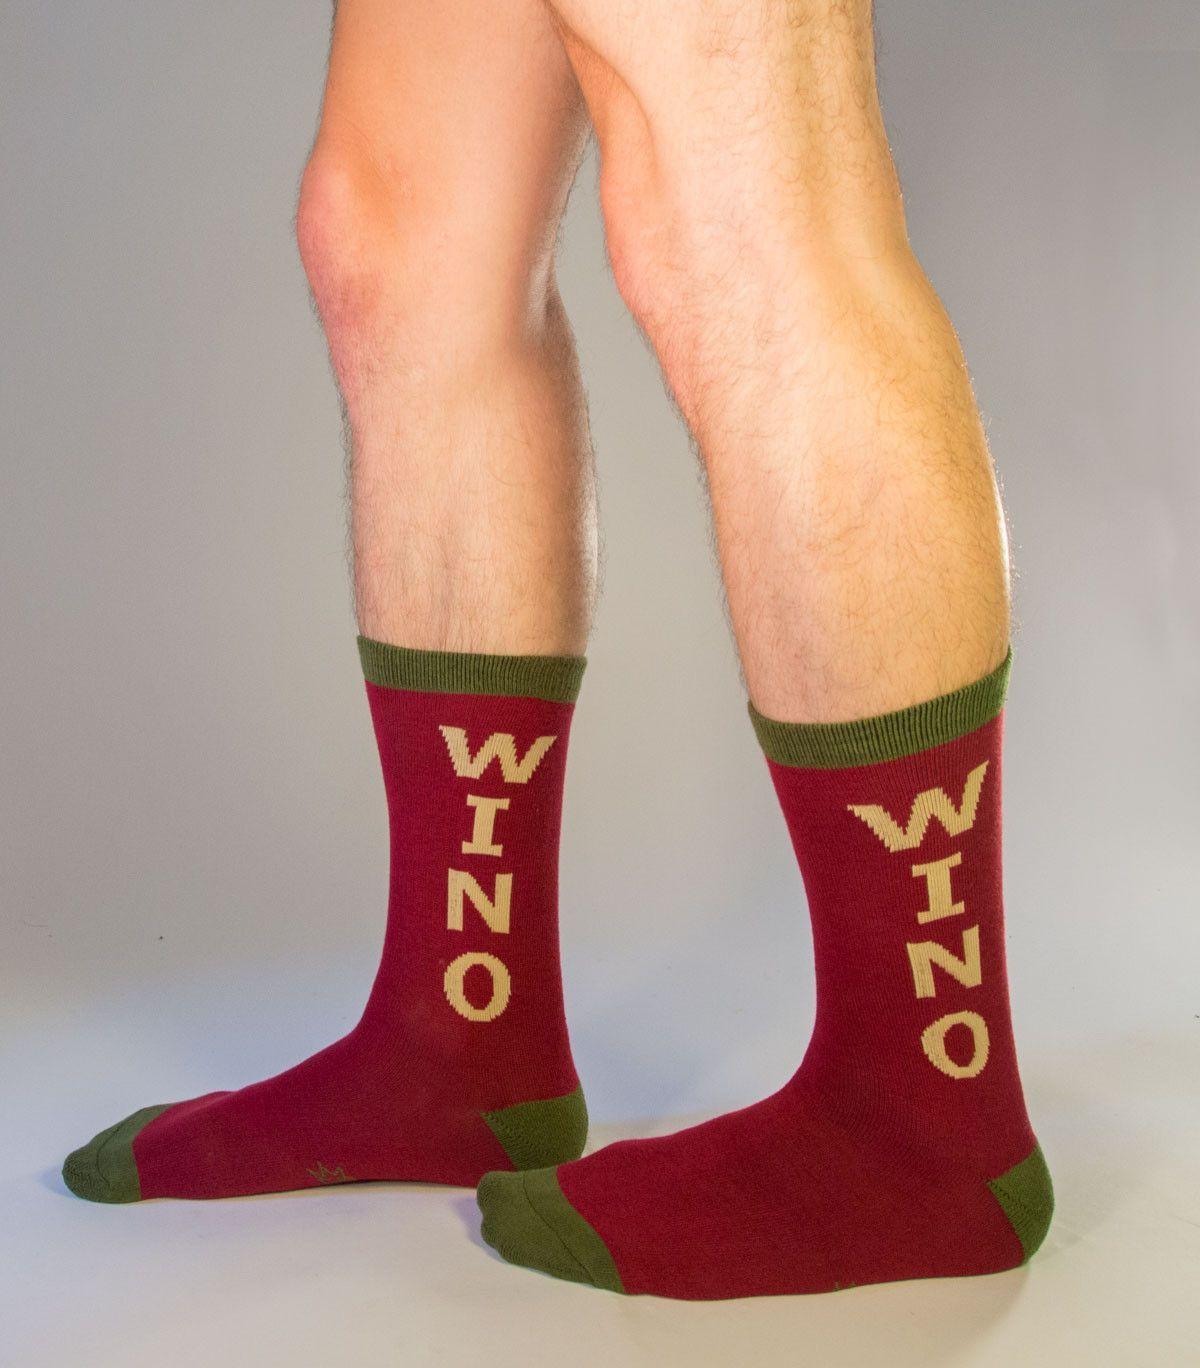 wino socks funny wine socks for men and women stocking